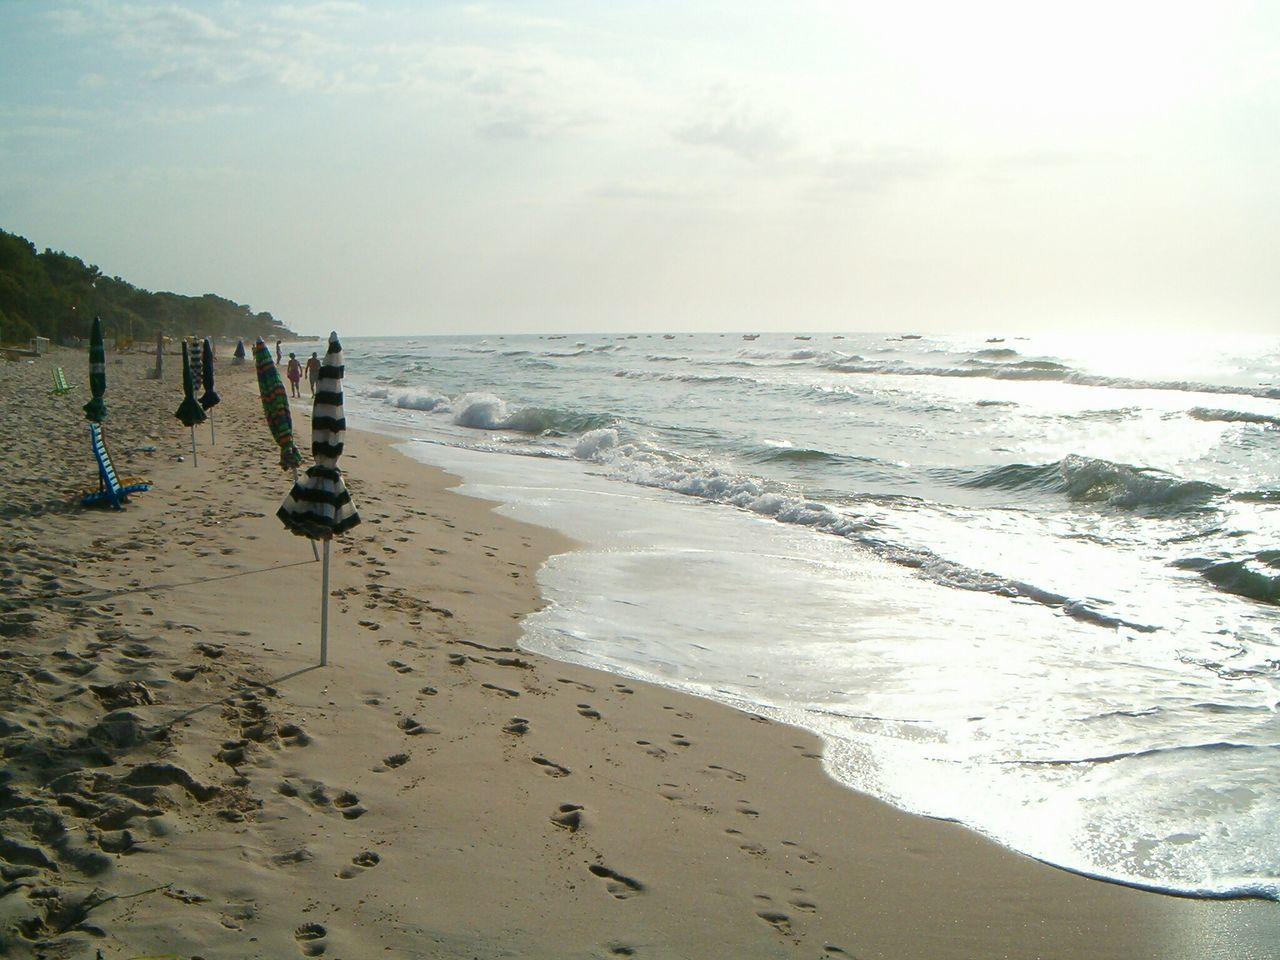 Closed Umbrella On Sandy Beach Against Sky